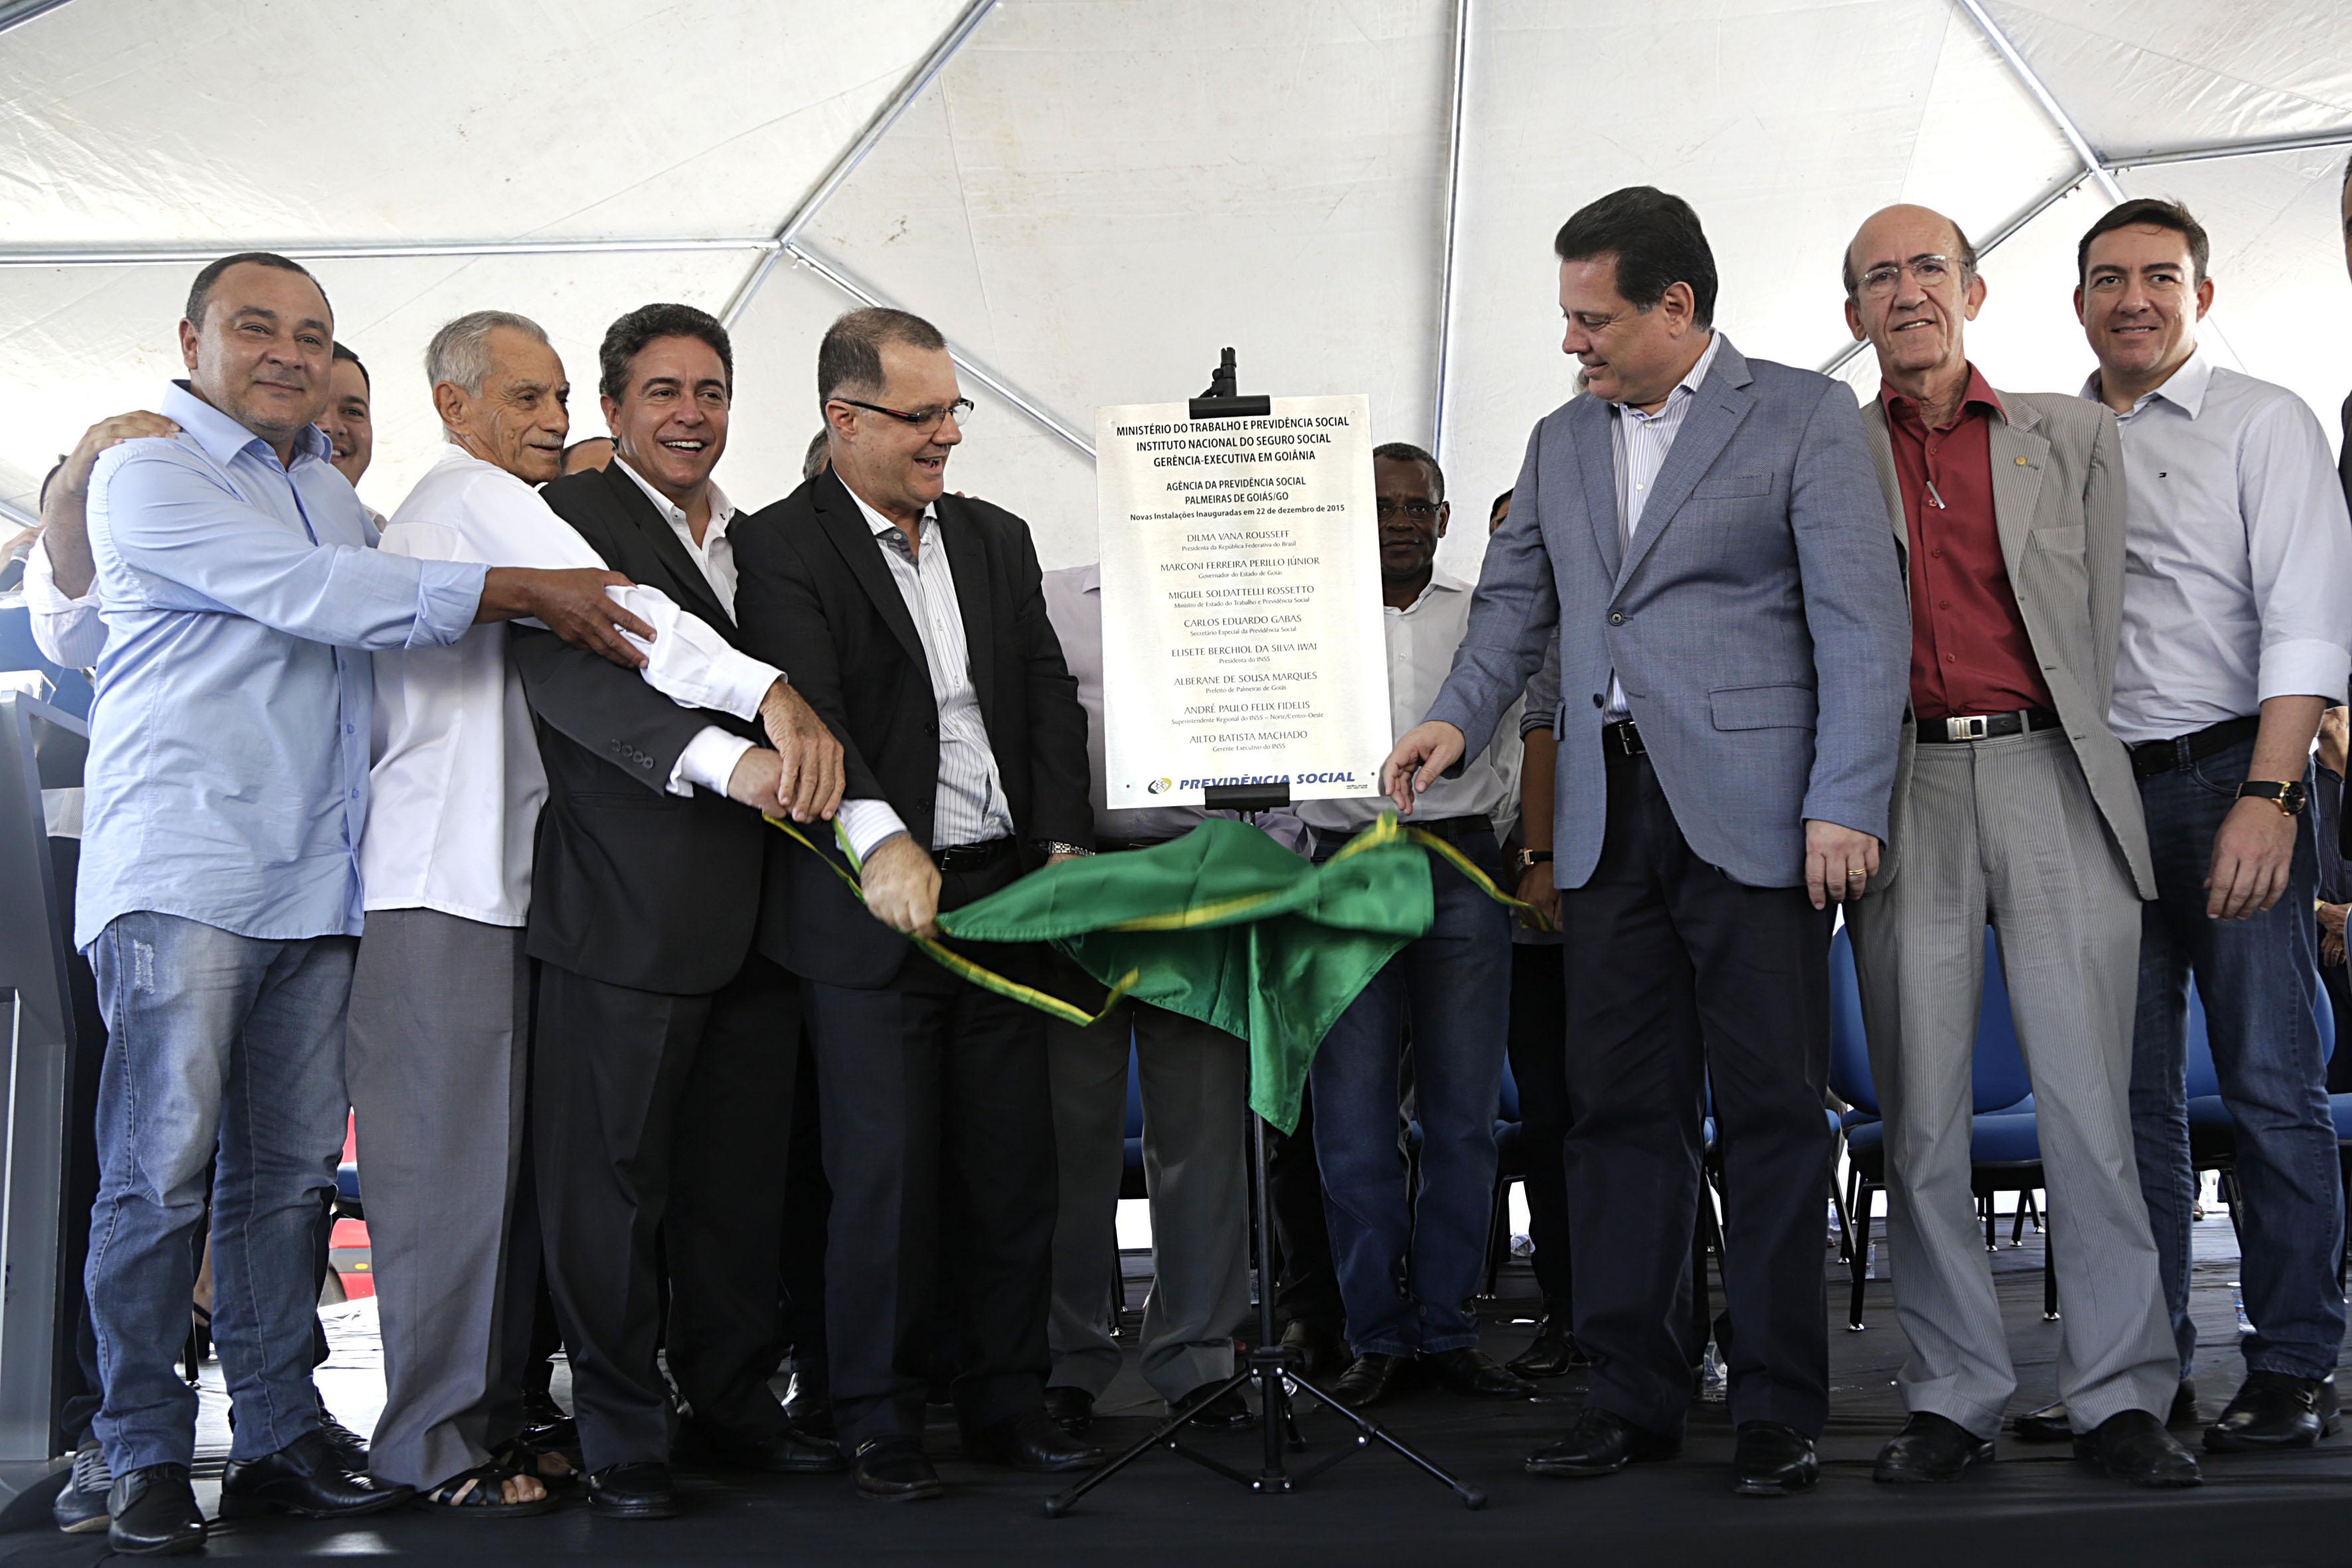 Secretário Especial da Previdência Social, Carlos Eduardo Gabas, (centro-esquerda) descerra a placa de inauguração da APS. Foto: Erasmo Salomão/Previdência Social